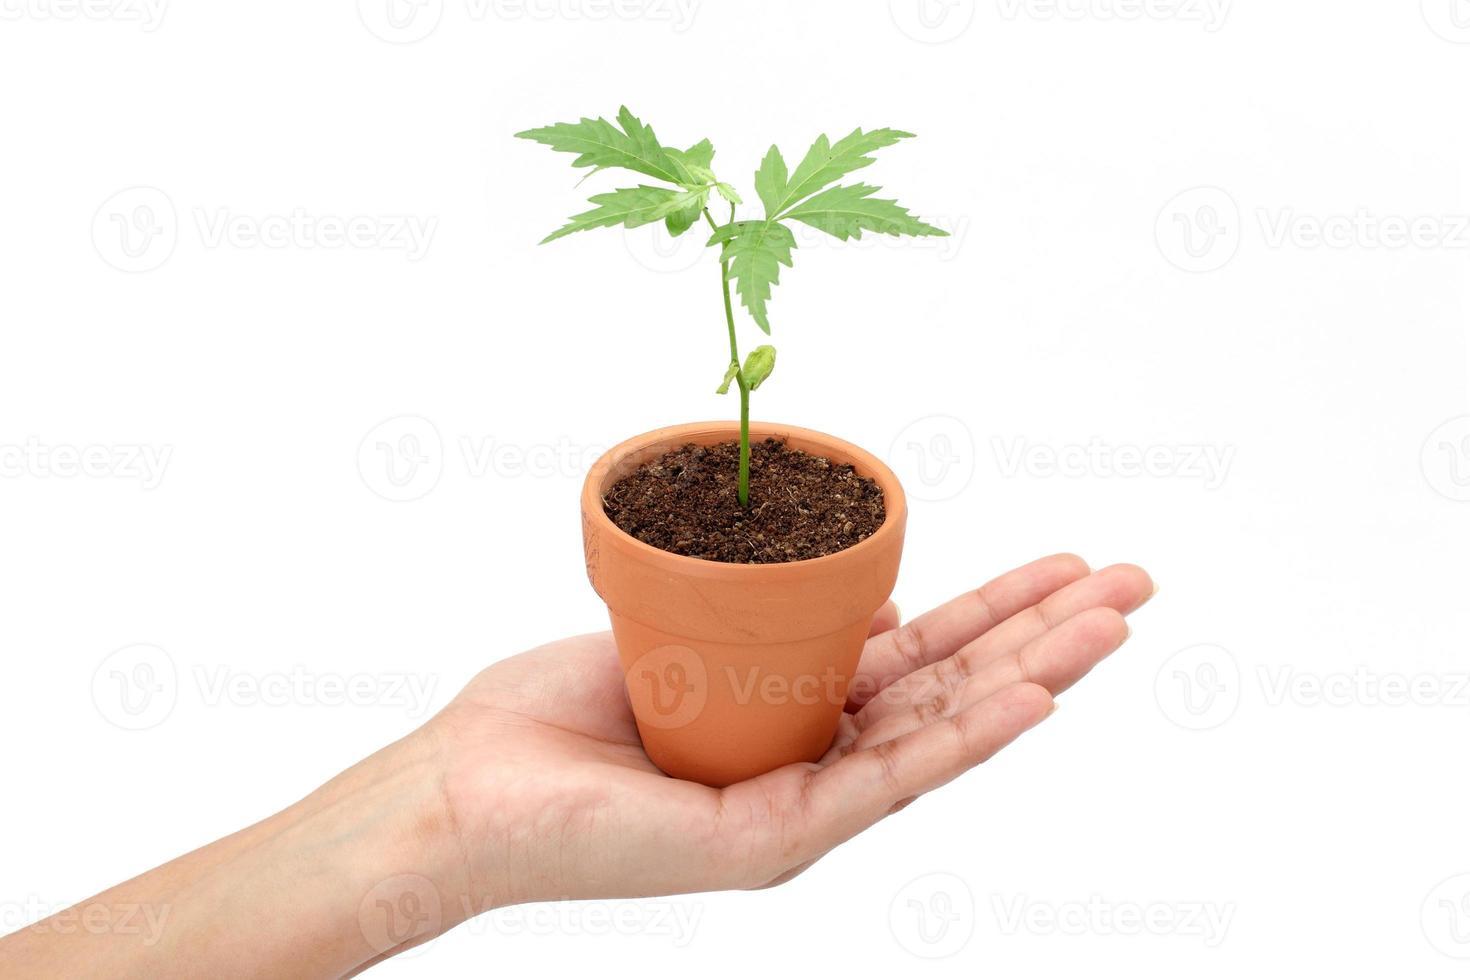 mano sosteniendo baby plant en blanco foto